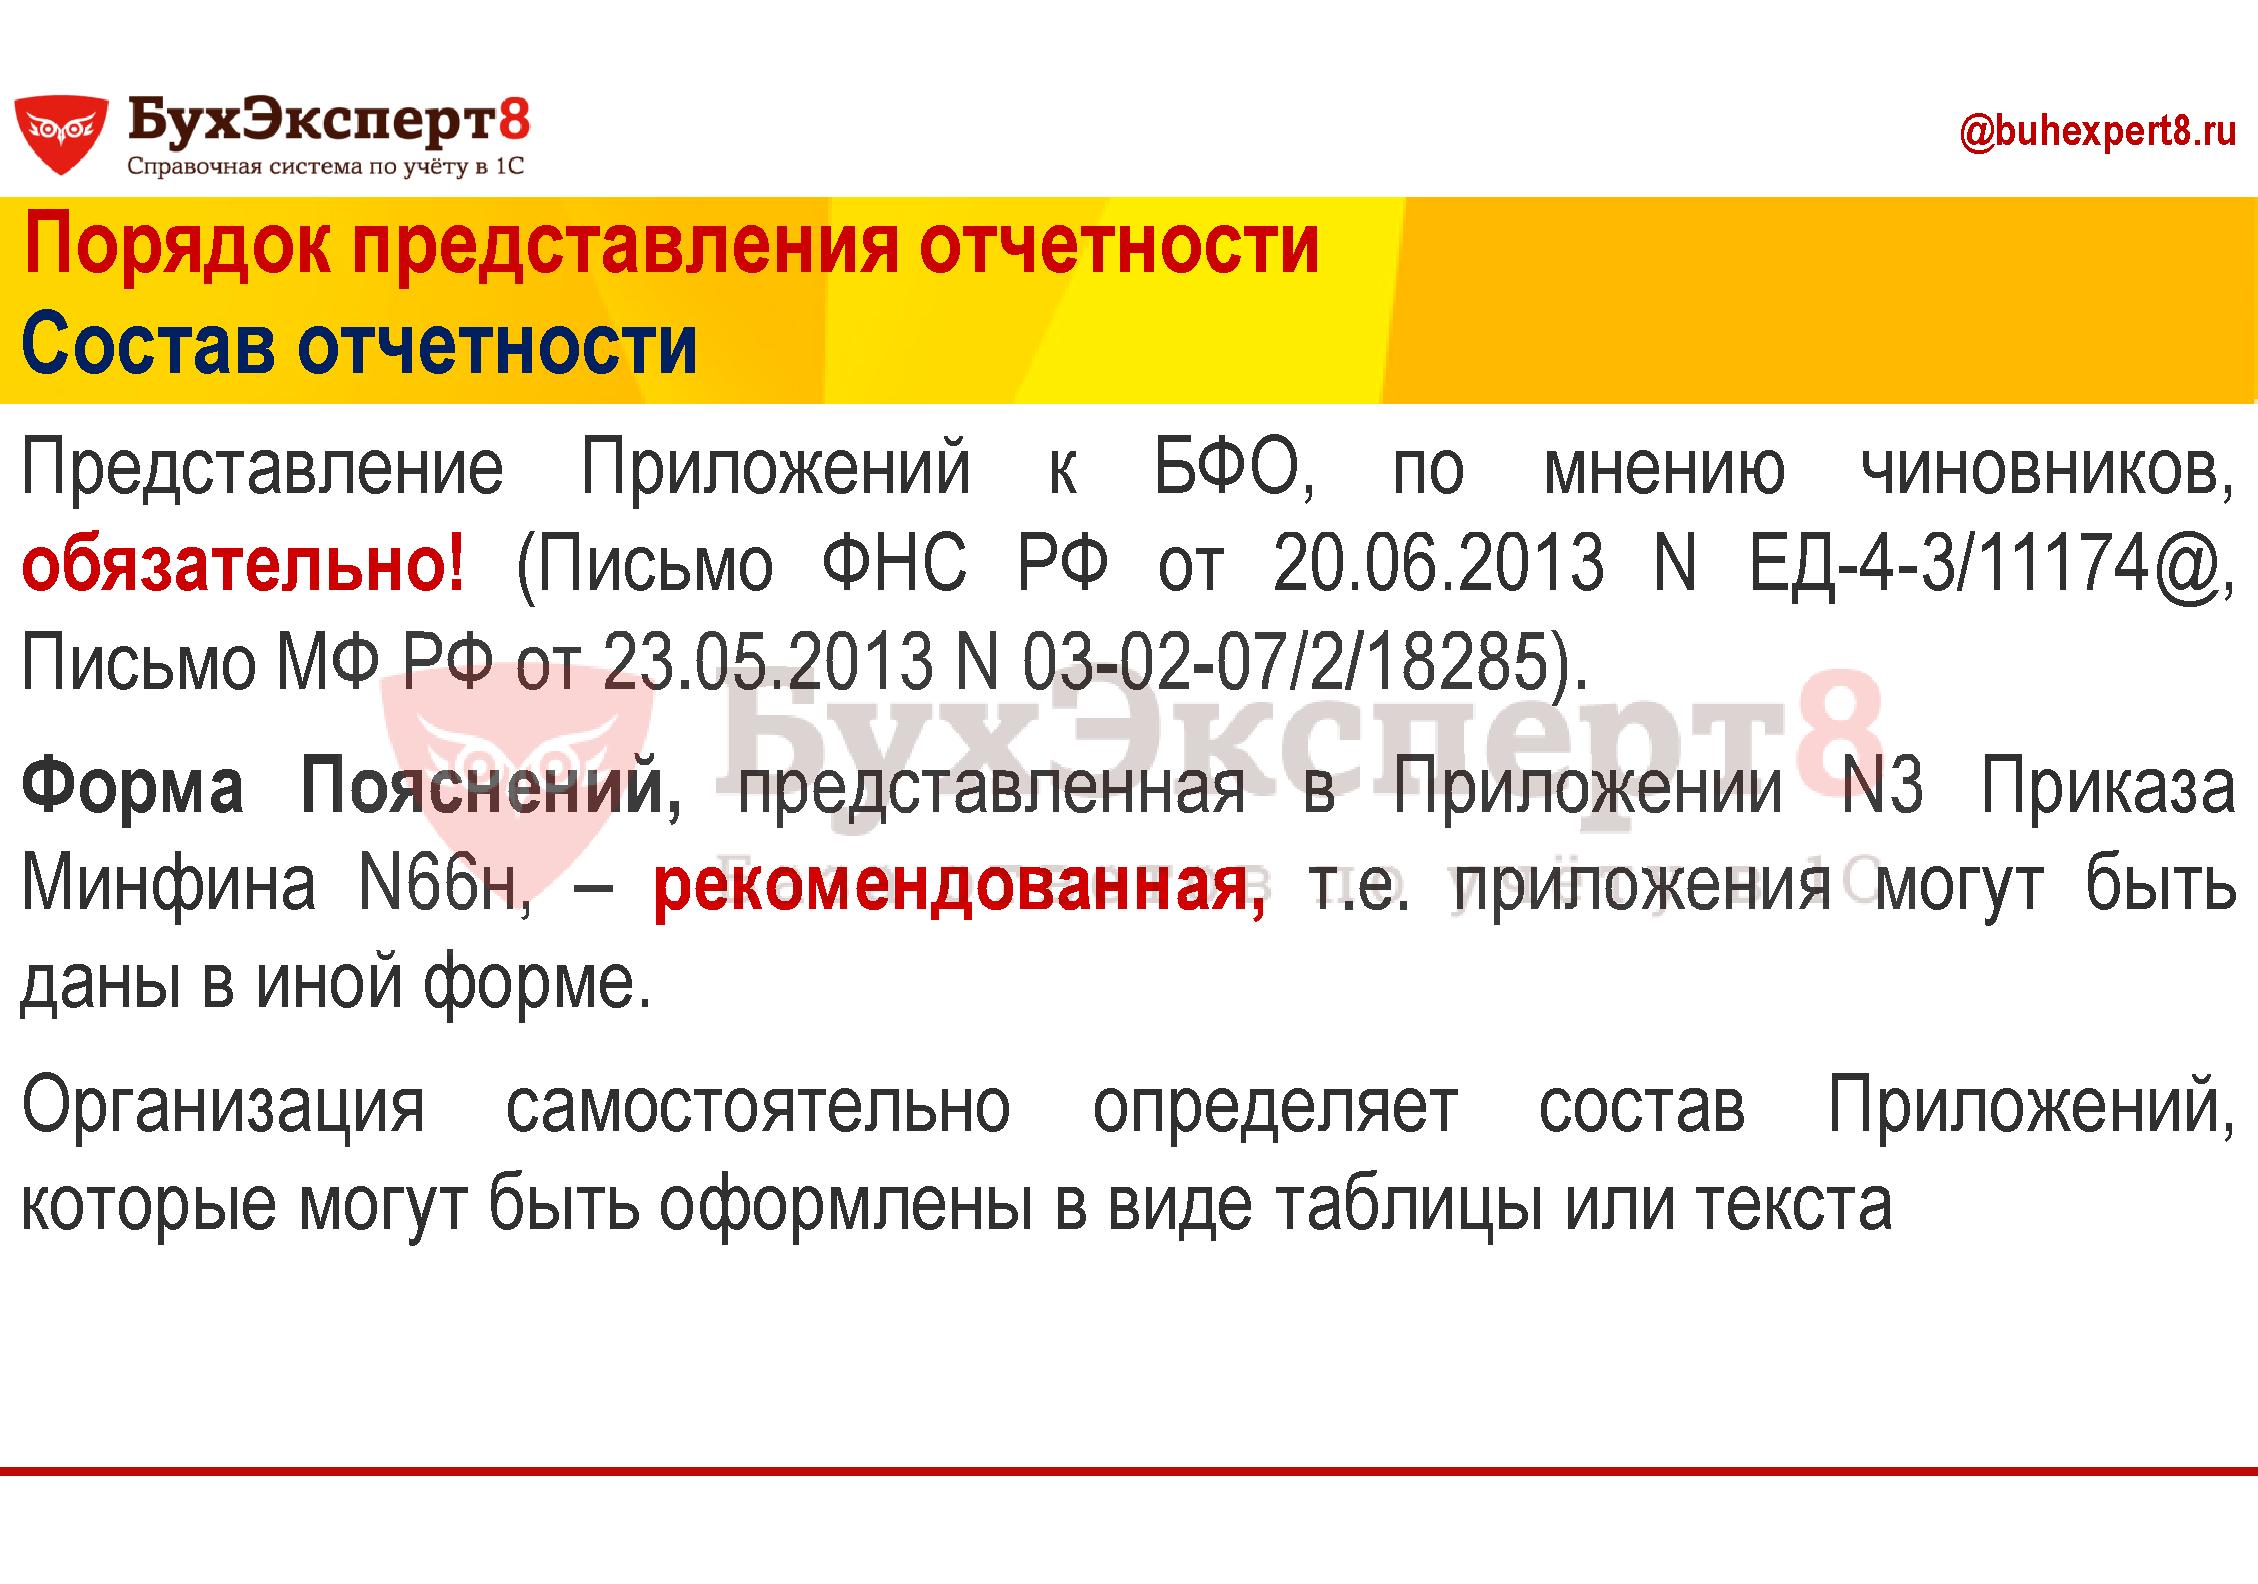 Представление Приложений к БФО, по мнению чиновников, обязательно! (Письмо ФНС РФ от 20.06.2013 N ЕД-4-3/11174@, Письмо МФ РФ от 23.05.2013 N 03-02-07/2/18285). Форма Пояснений, представленная в Приложении N3 Приказа Минфина N66н, – рекомендованная, т.е. приложения могут быть даны в иной форме. Организация самостоятельно определяет состав Приложений, которые могут быть оформлены в виде таблицы или текста